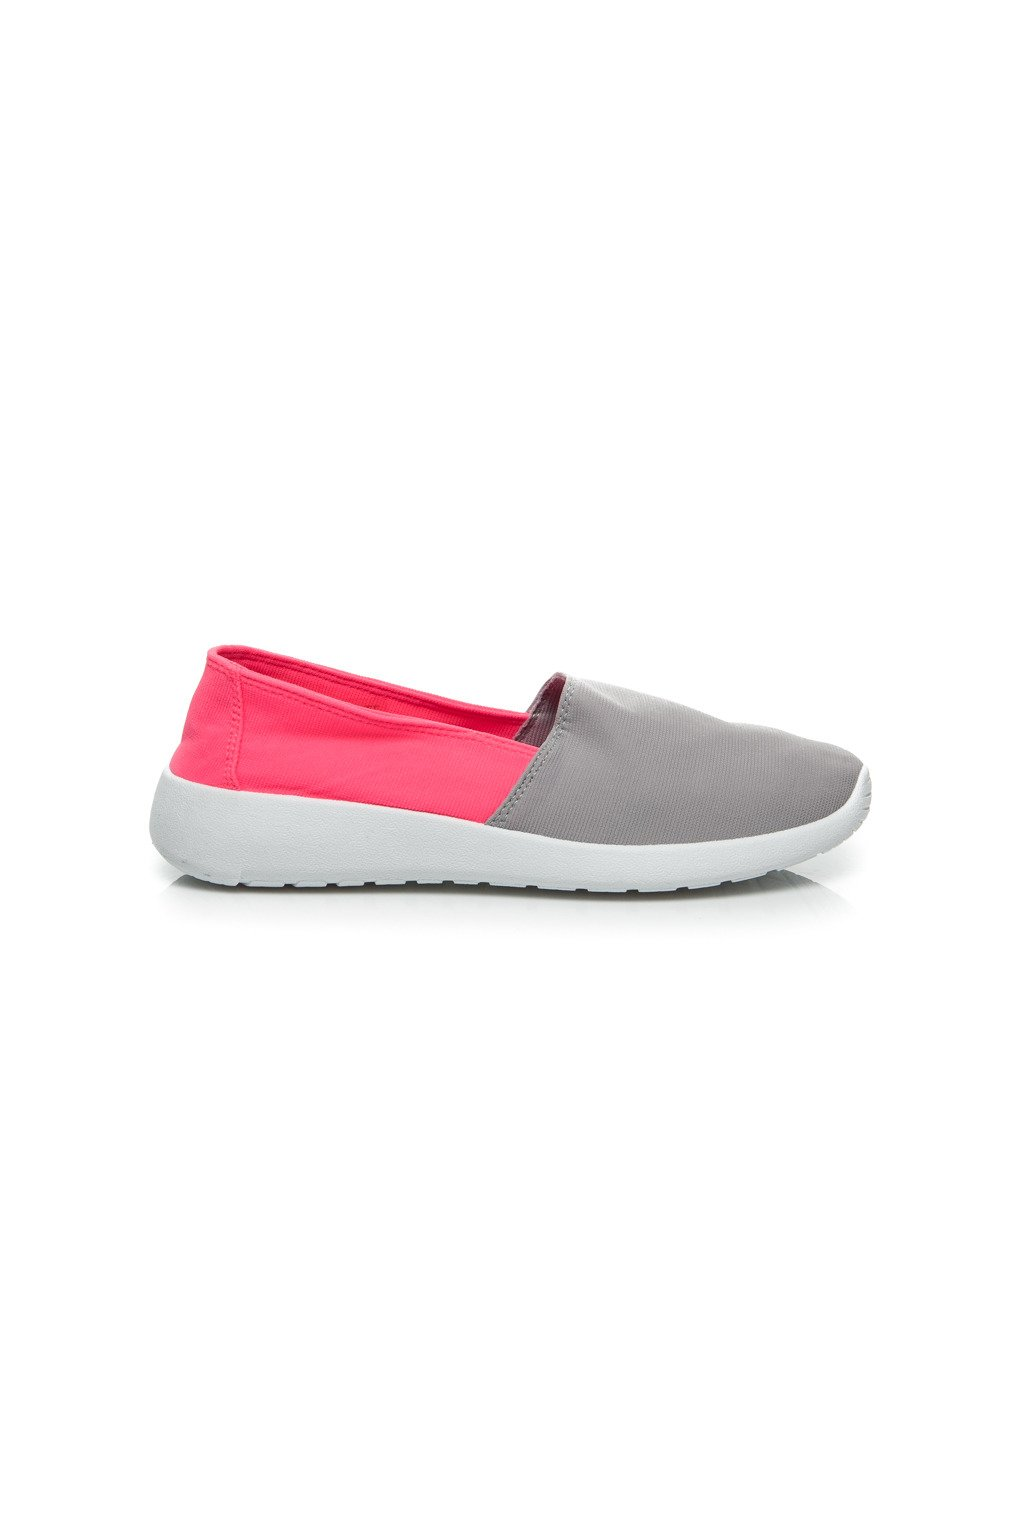 Ružovo-sivé SLIP ON tenisky 7TX-AI85908CO G  c89d5fe30ab